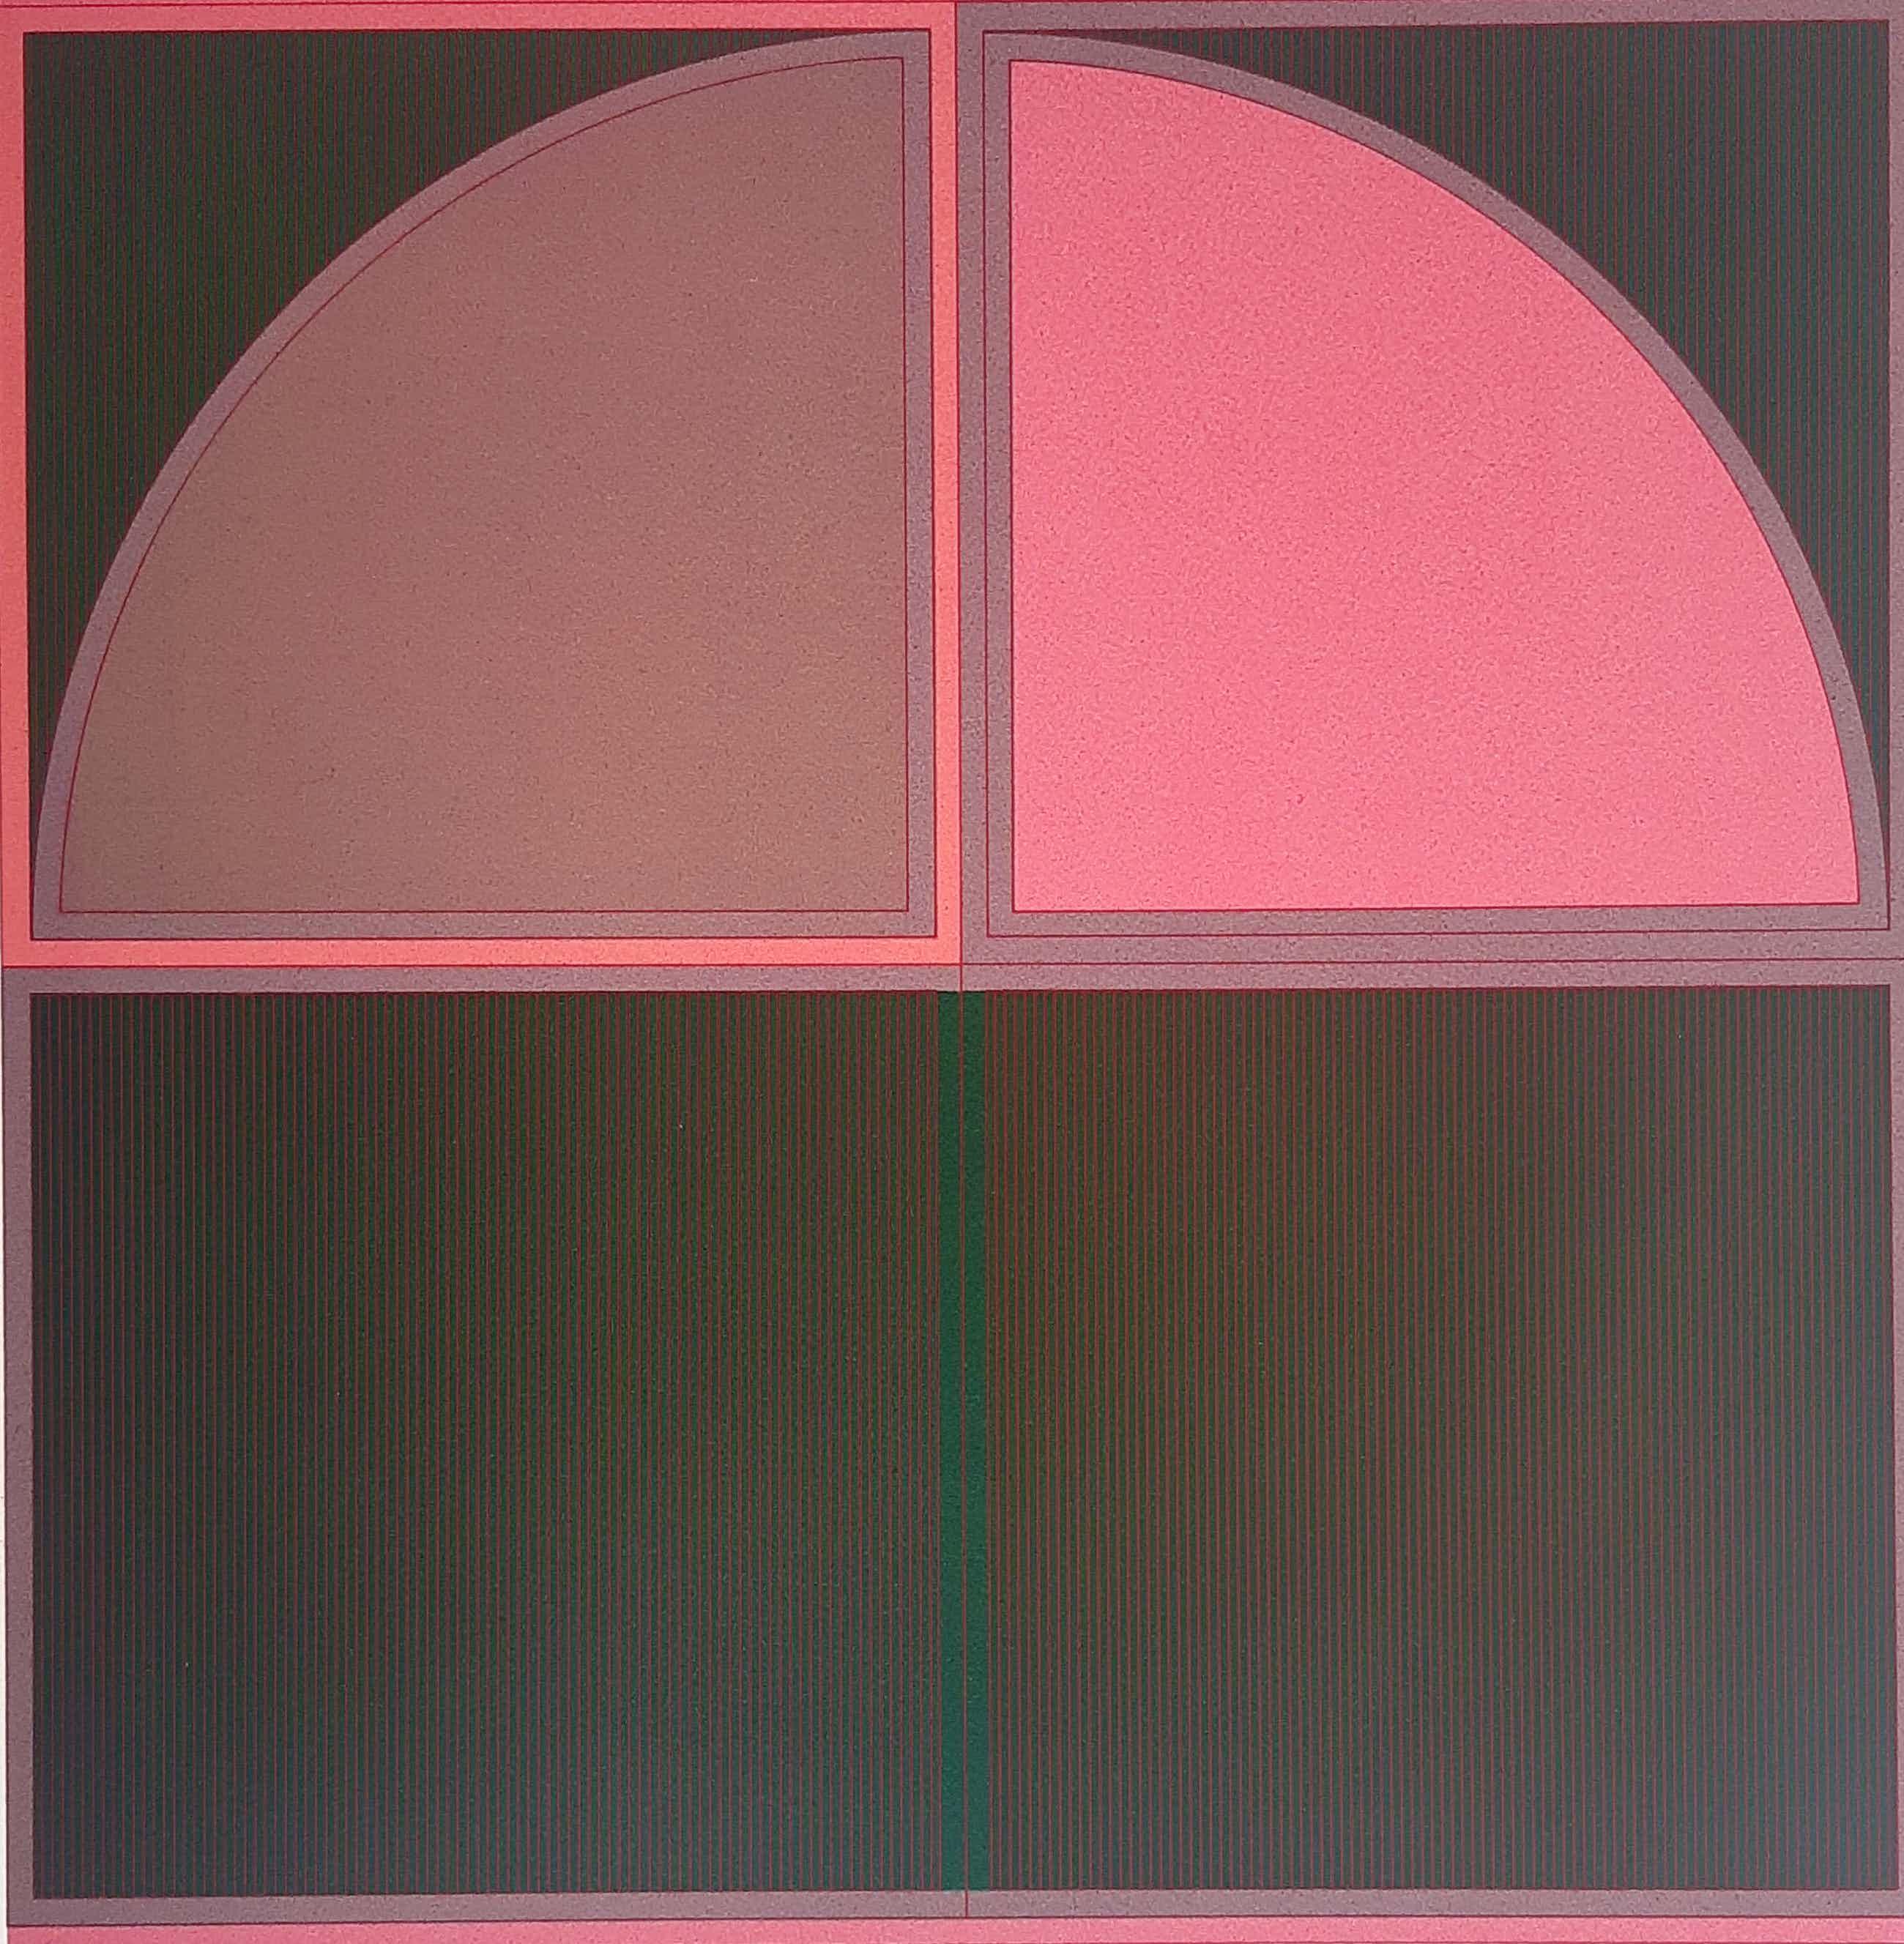 Gordon House - abstracte compositie zonder titel kopen? Bied vanaf 80!